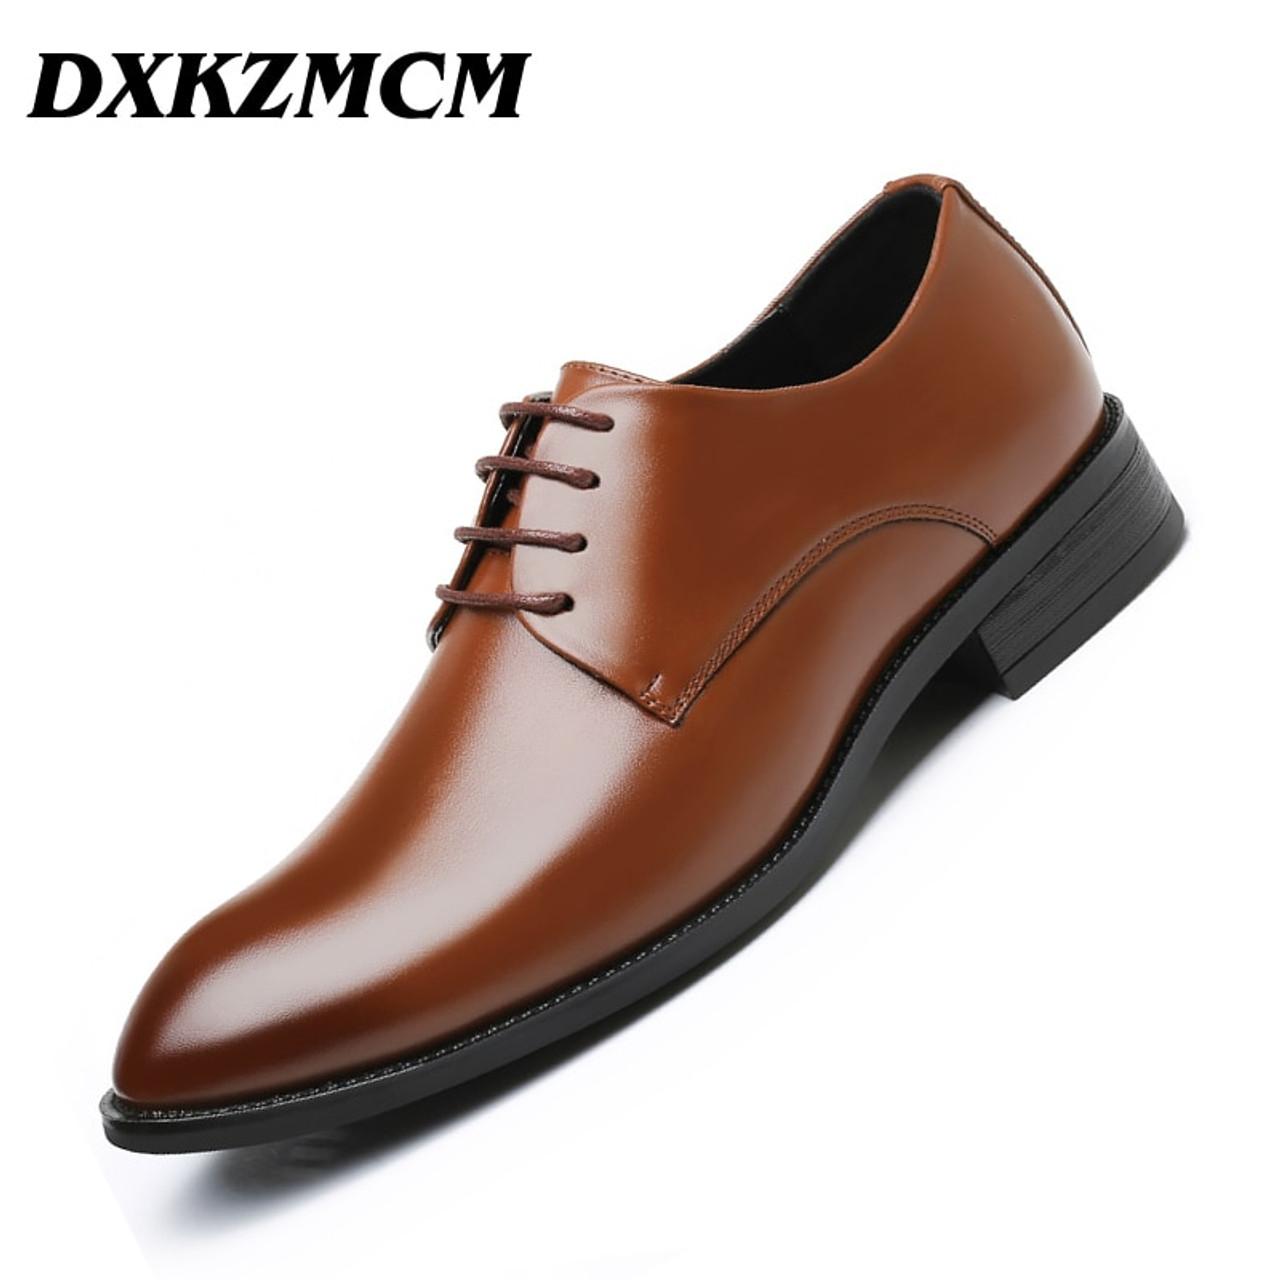 4872e70b182 DXKZMCM Men Dress Shoes Men Formal Shoes Leather Luxury Wedding Shoes Men  Oxford Shoes Big Size ...